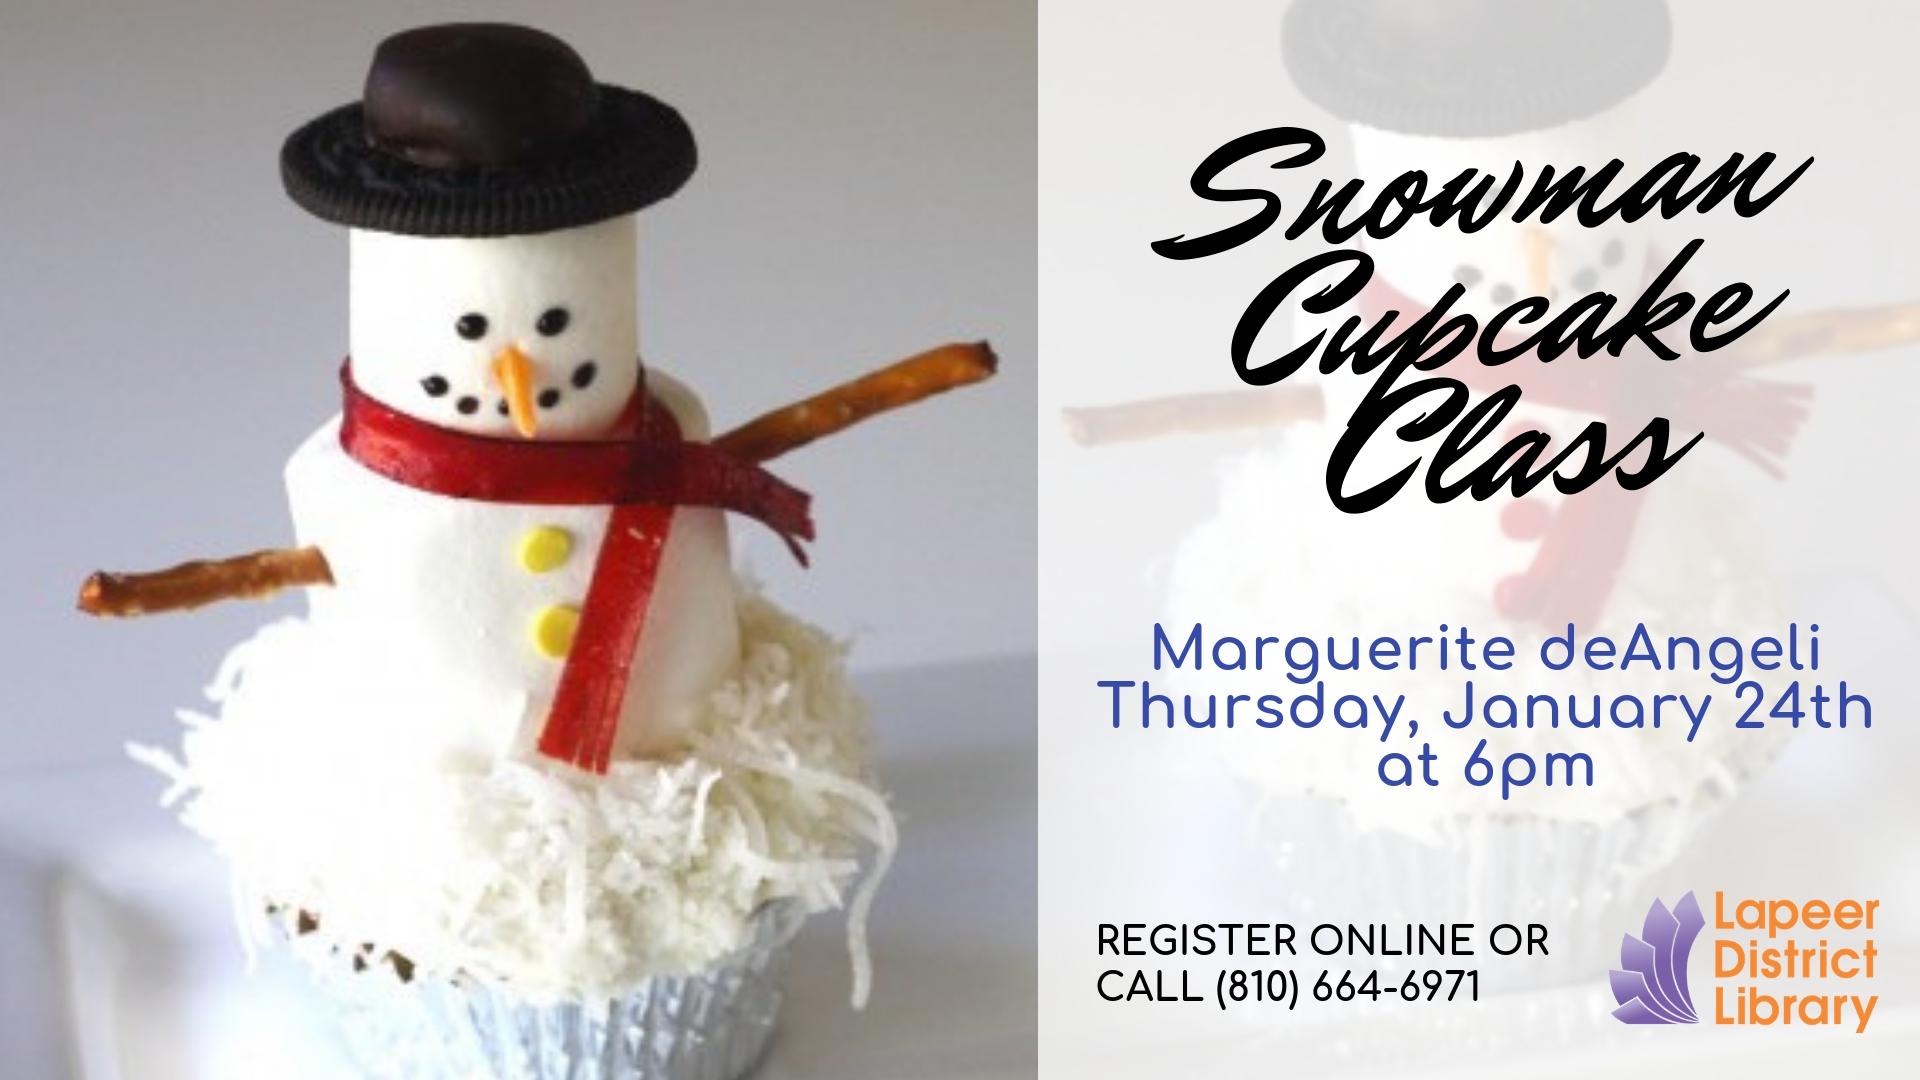 Snowman cupcake class